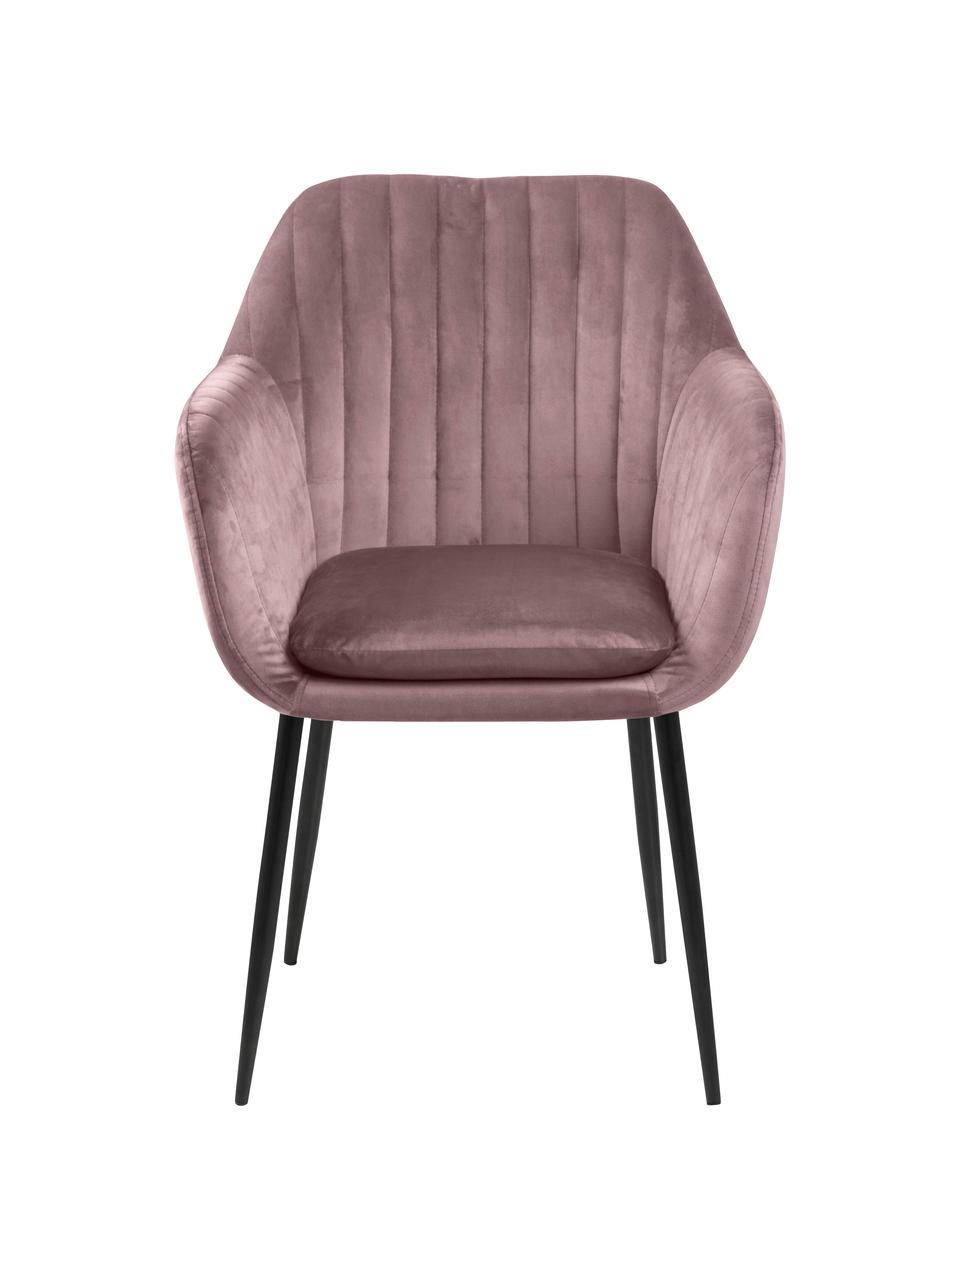 Fluwelen armstoel Emilia met metalen poten, Bekleding: polyester fluweel, Poten: gelakt metaal, Fluweel roze, poten zwart, B 57 x D 59 cm